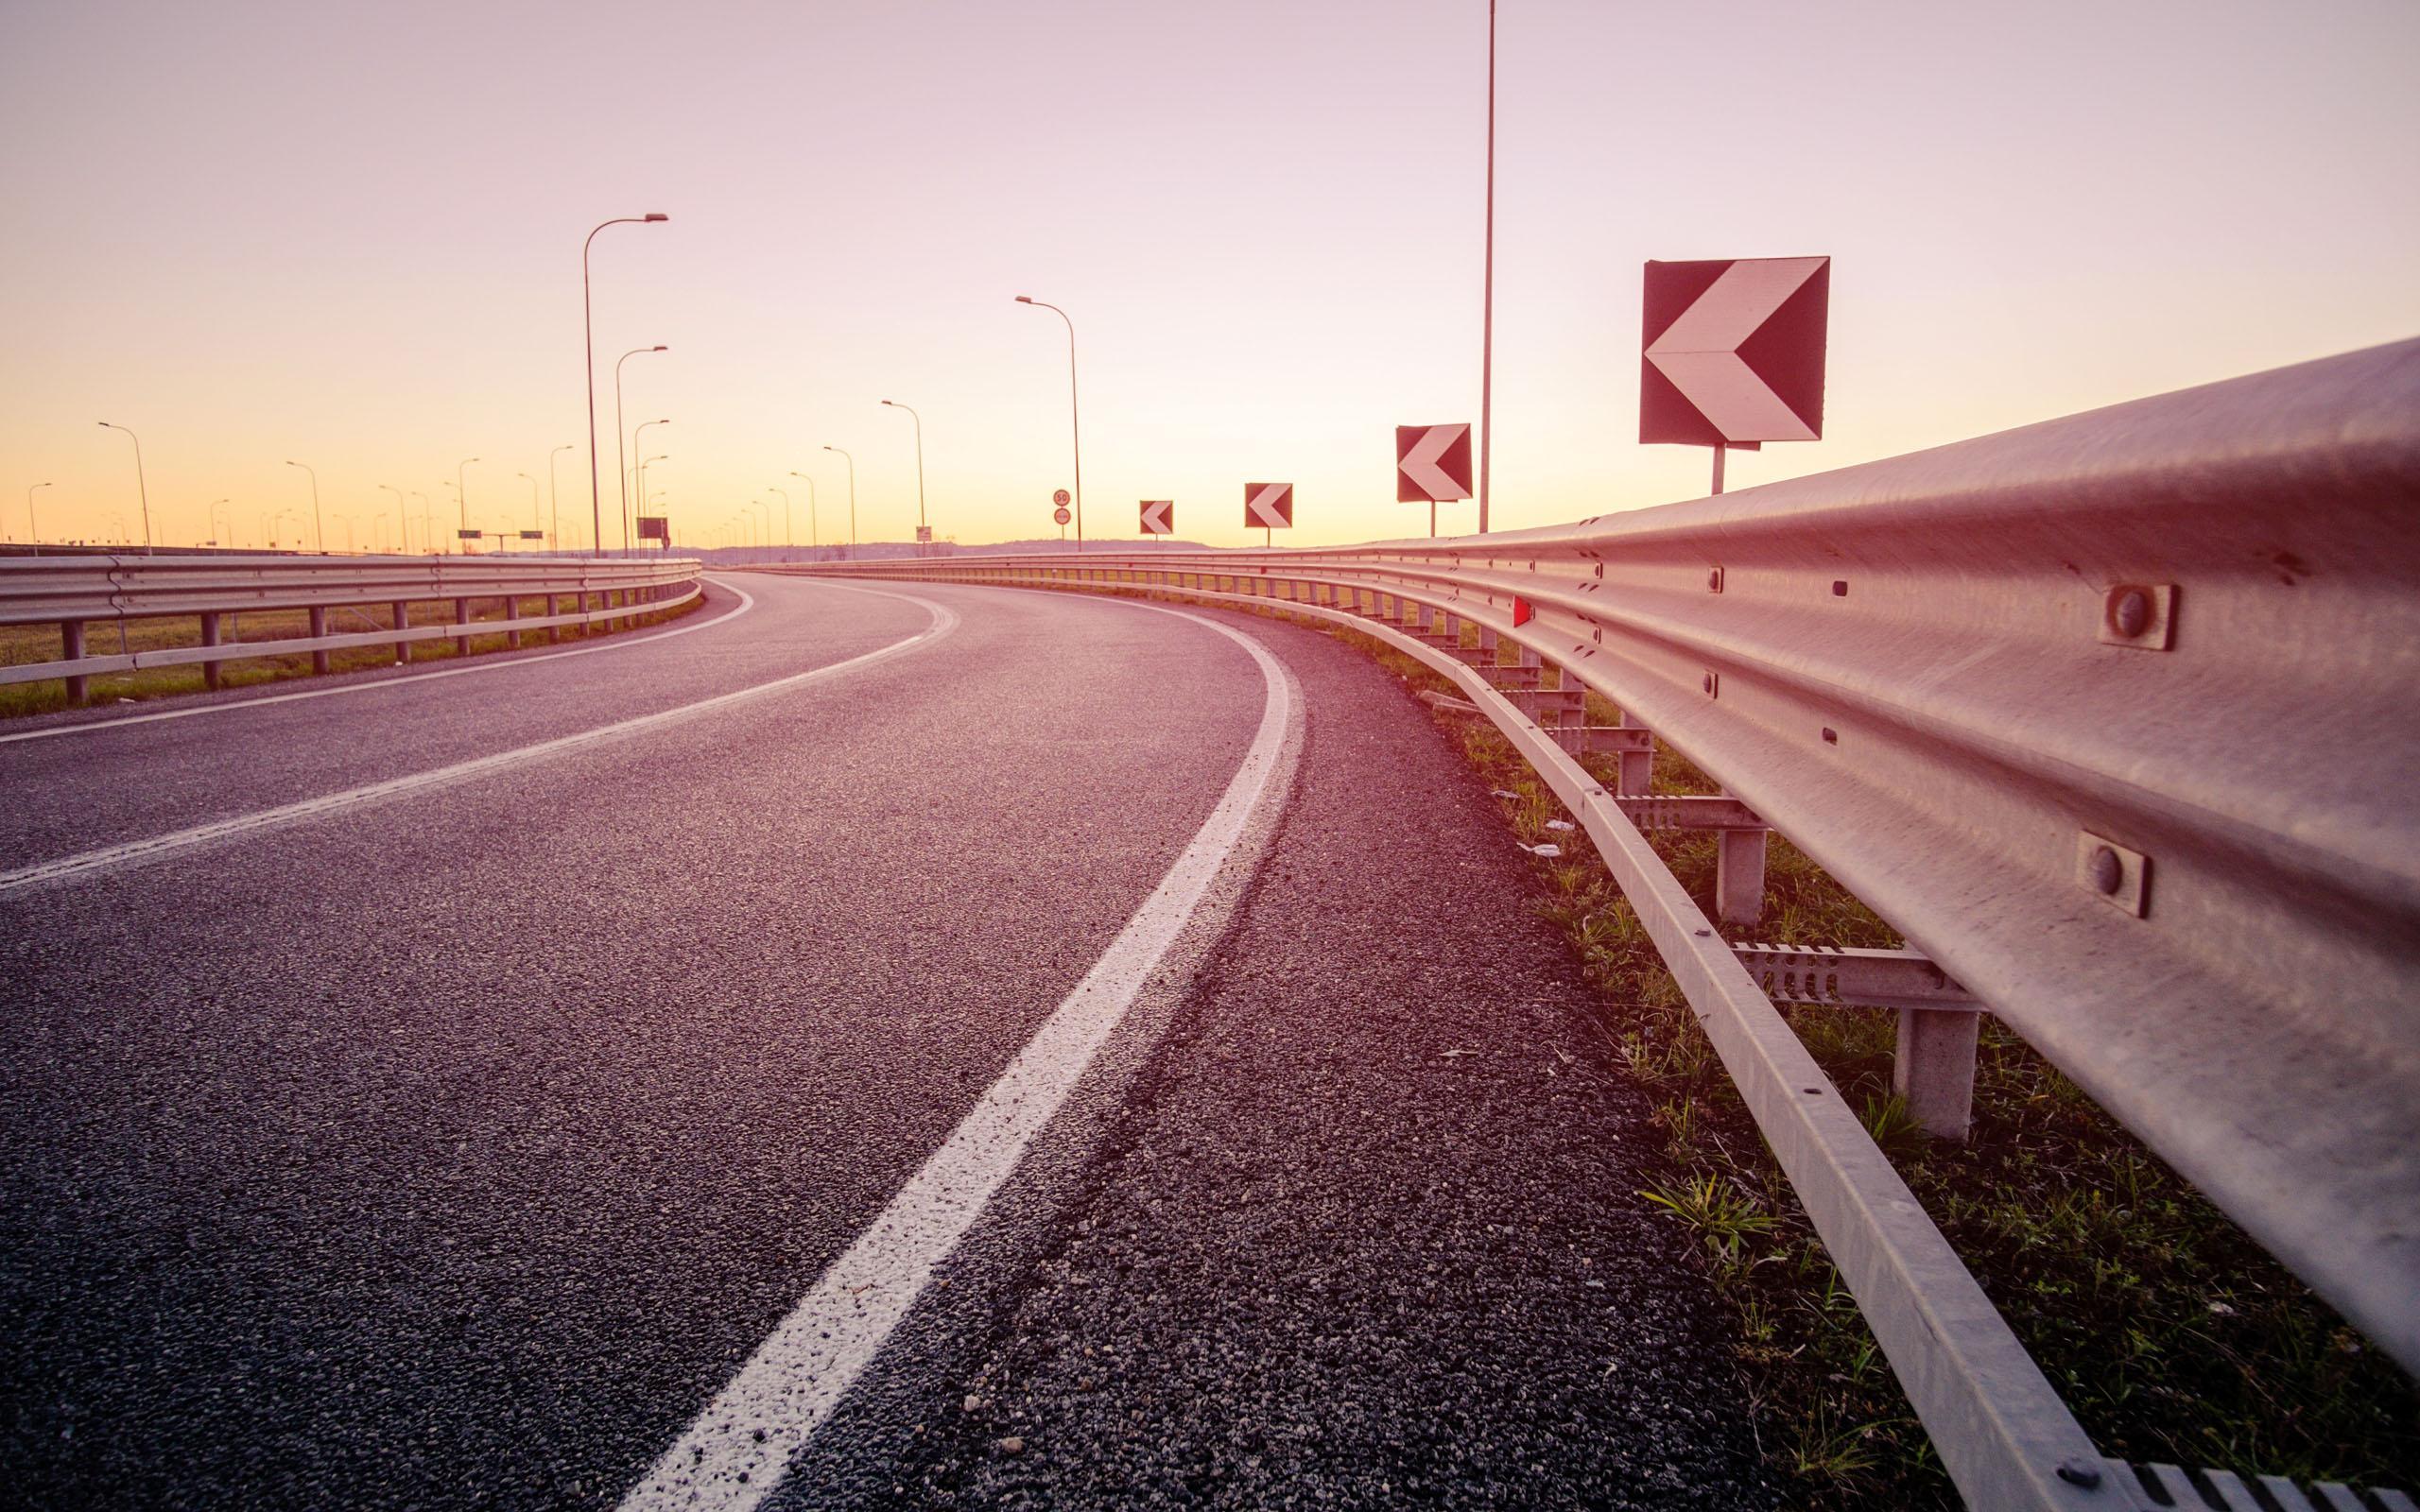 公路风景桌面壁纸 沿途唯美的公路风景图片桌面壁纸